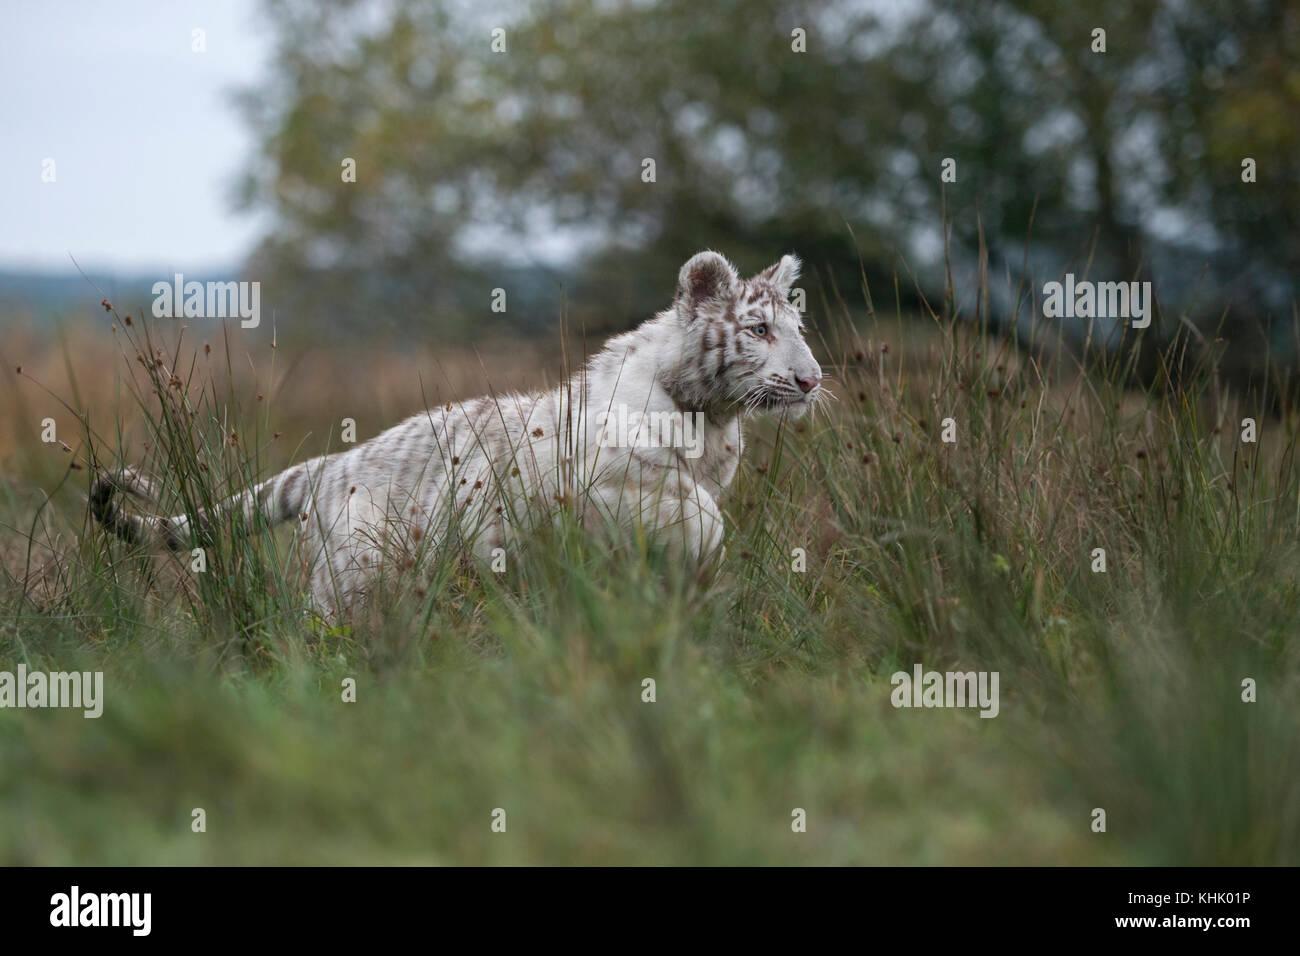 Royal Bengal Tiger / Koenigstiger ( Panthera tigris ), big cat in action, running, jumping, hunting, on grassland, - Stock Image